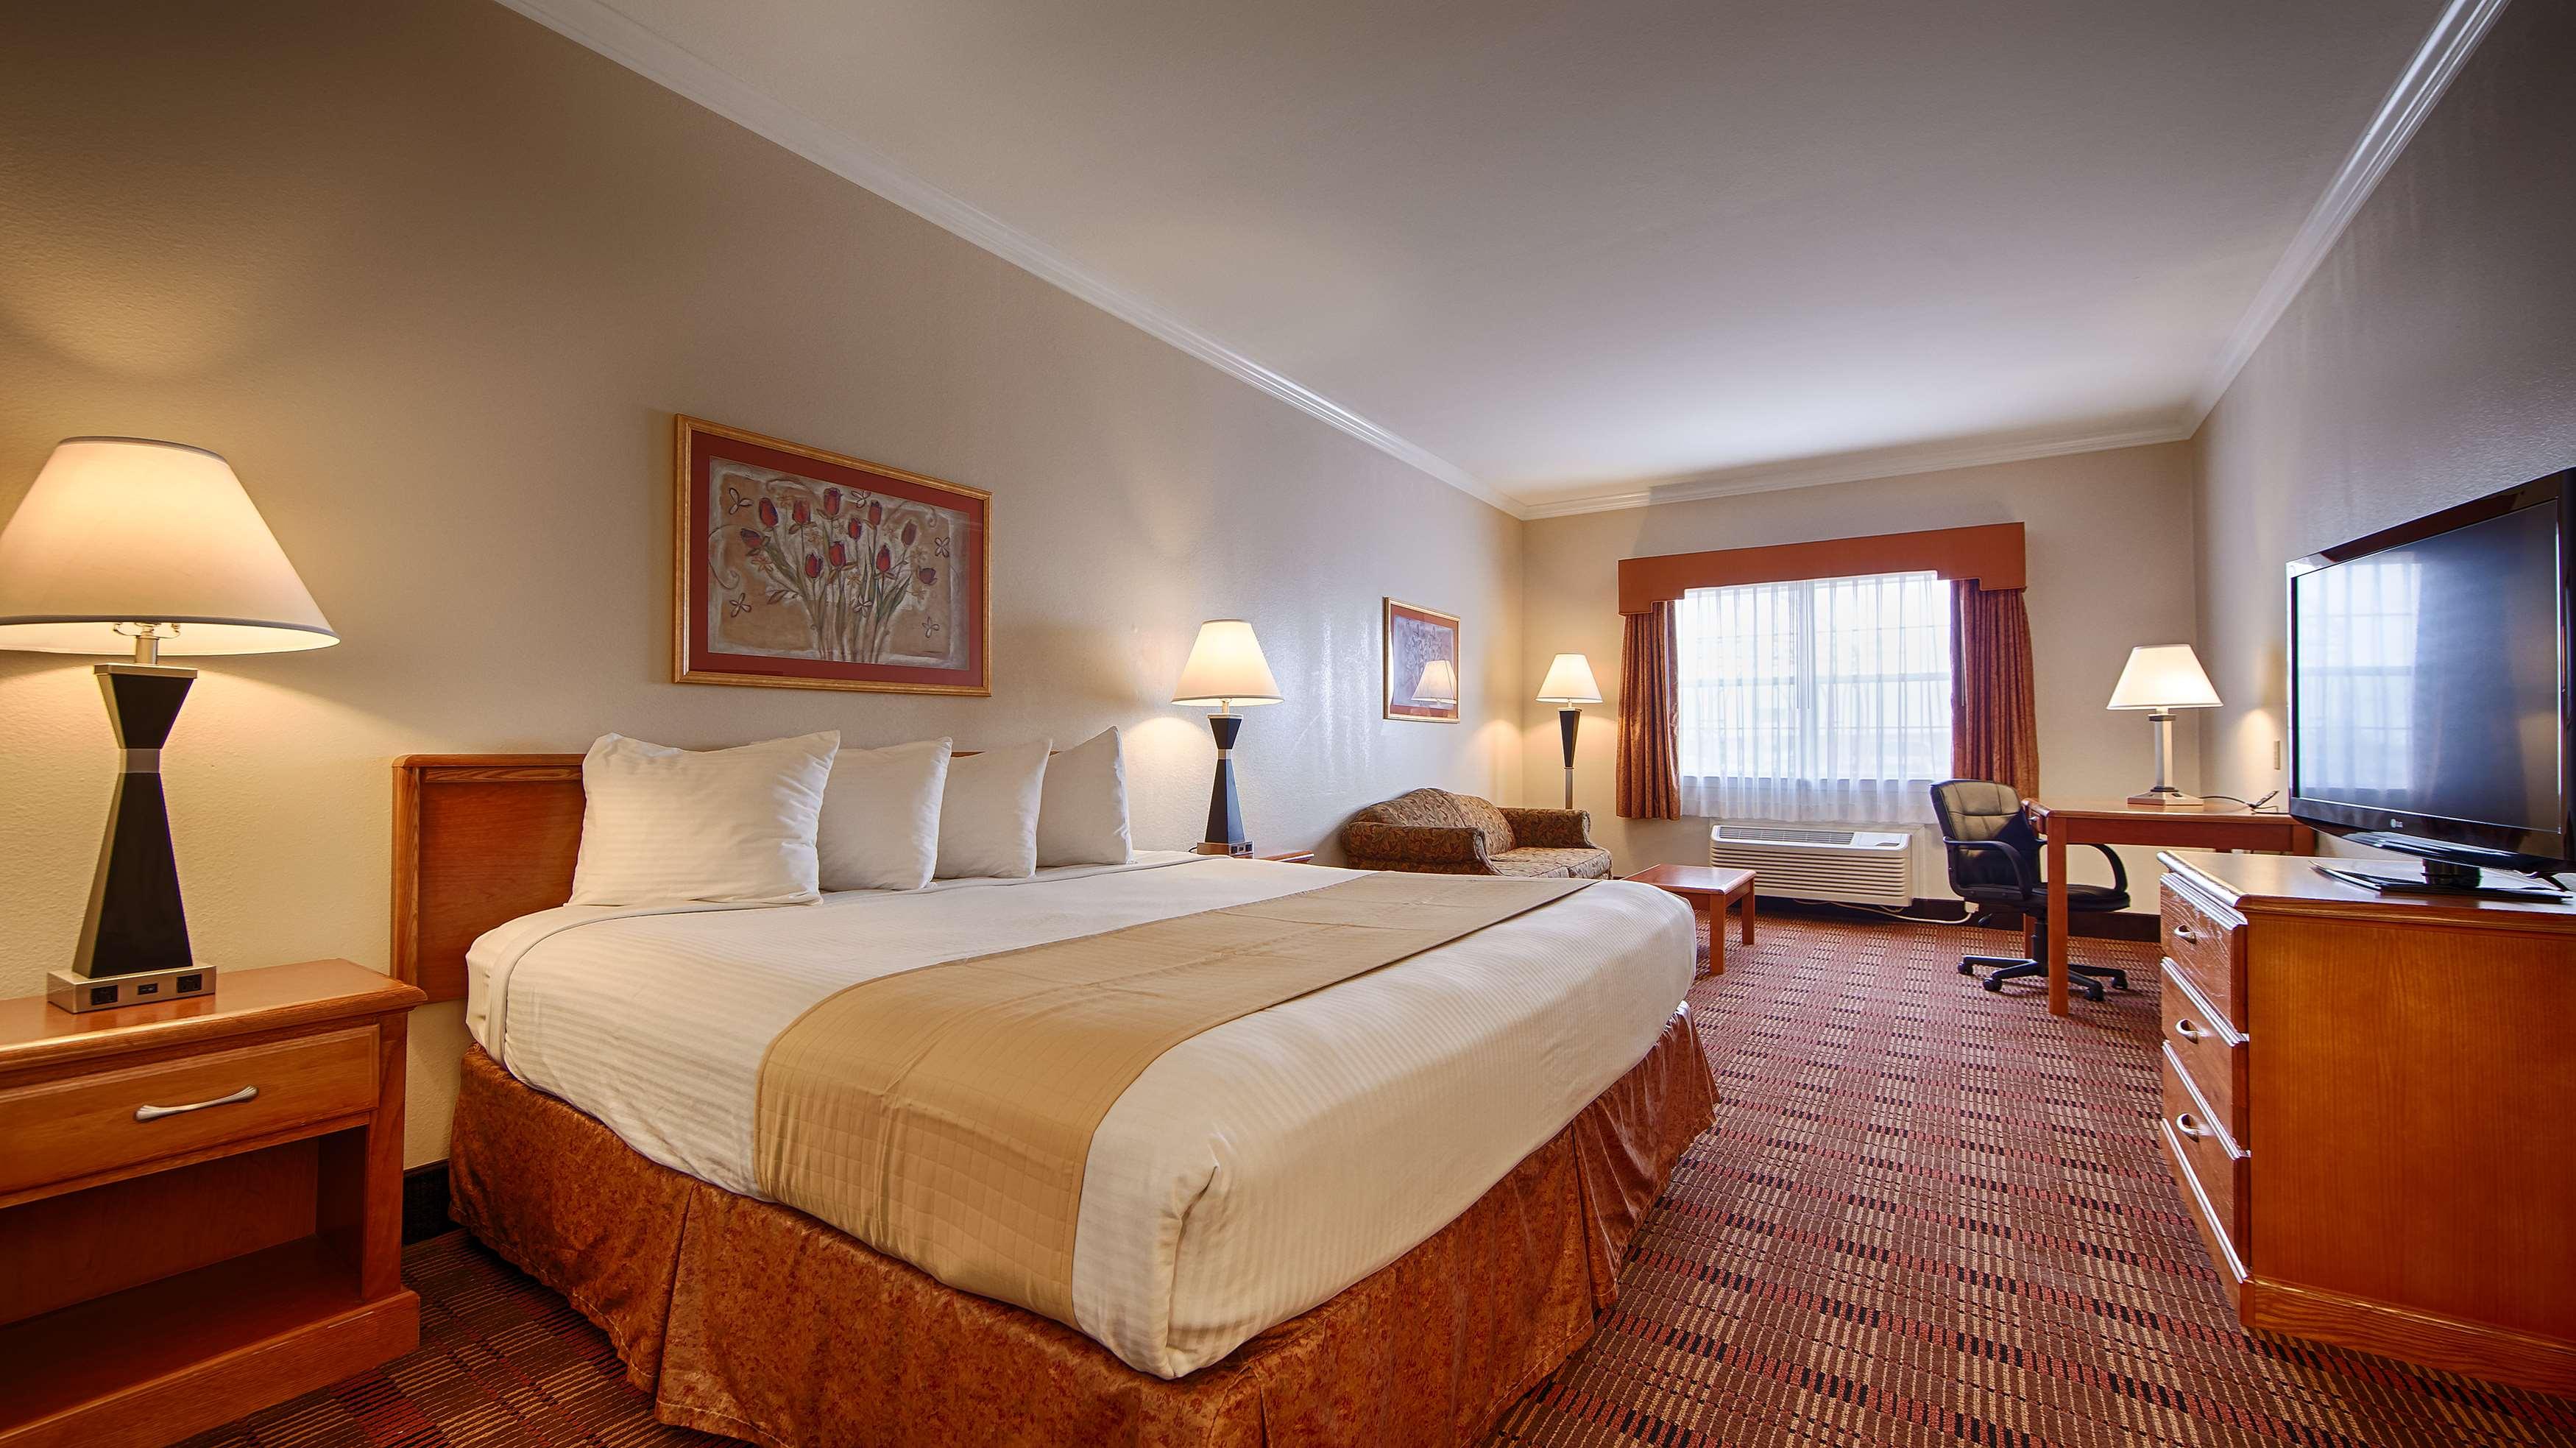 Best Western Club House Inn & Suites image 16